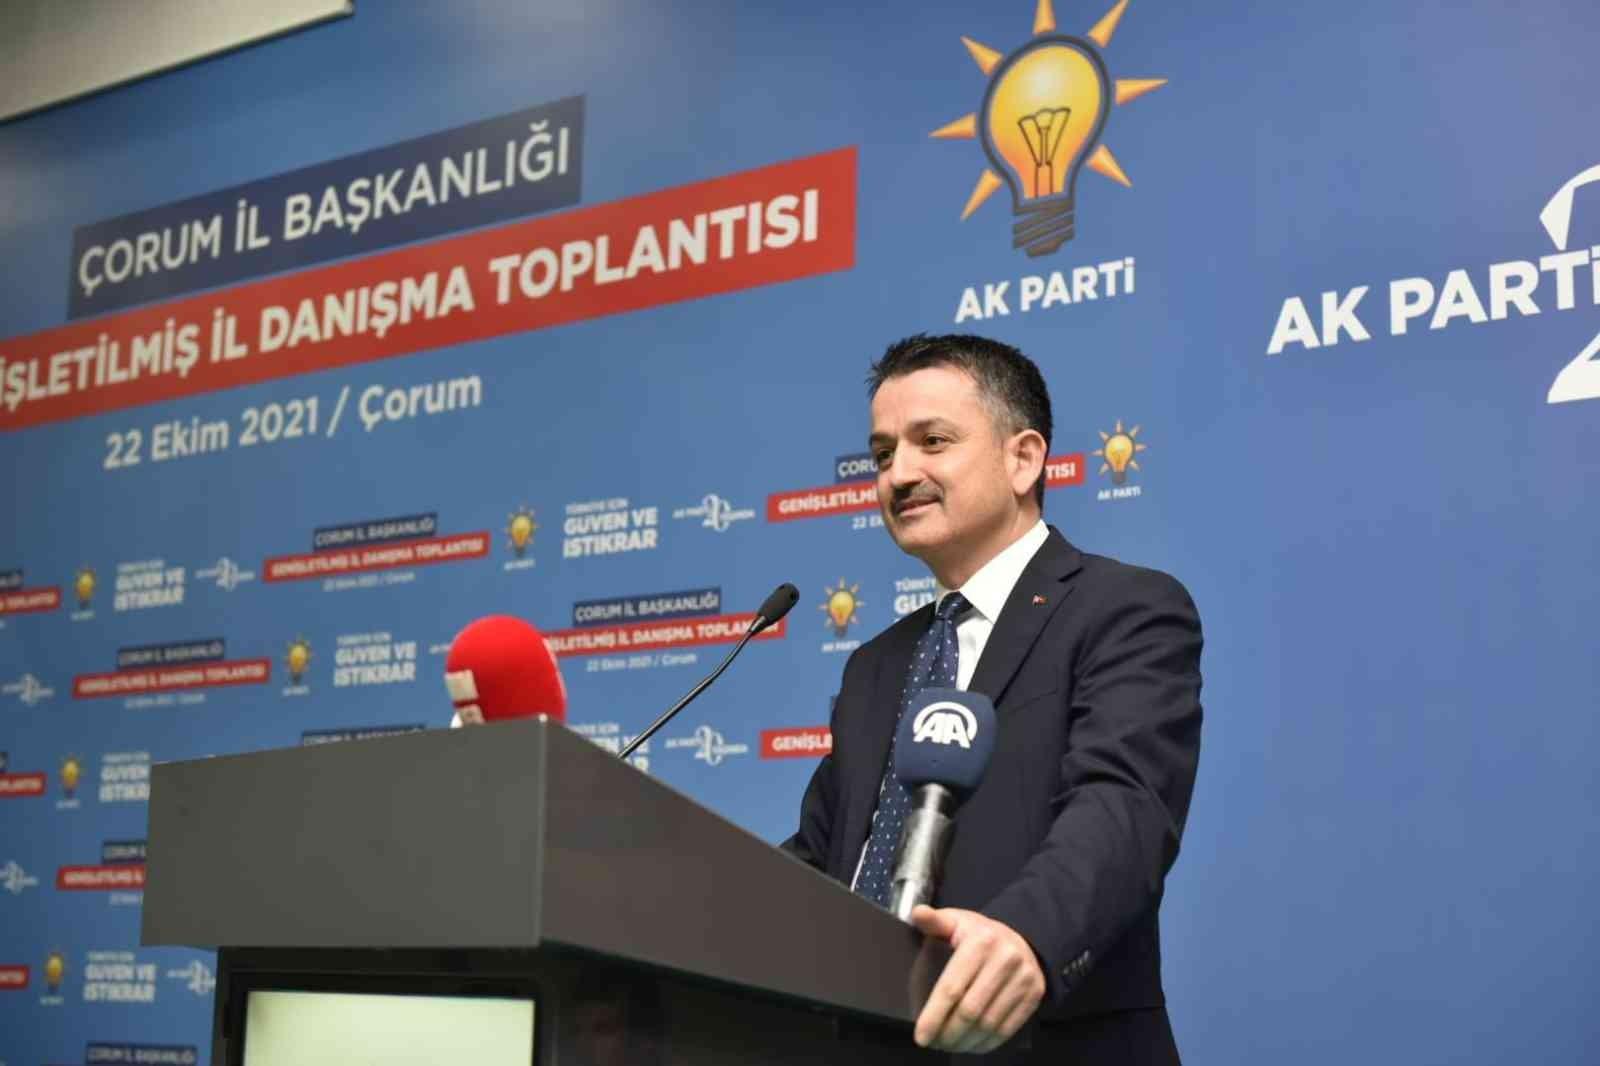 """Bakan Pakdemirli: """"Türkiye'nin kaderini Millet İttifakı'na terk edemeyiz"""" #corum"""